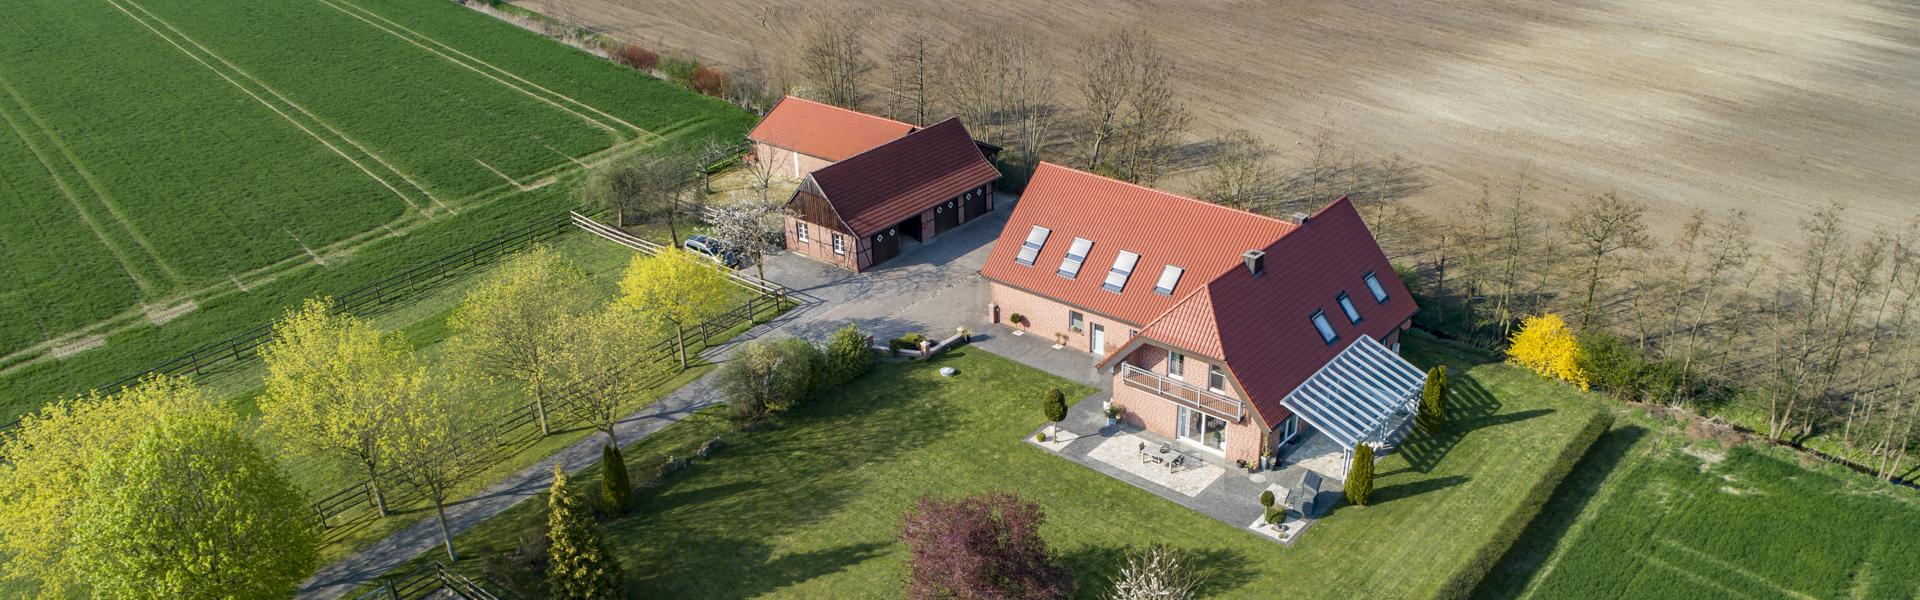 immobilienfotografie-drohnen-g1